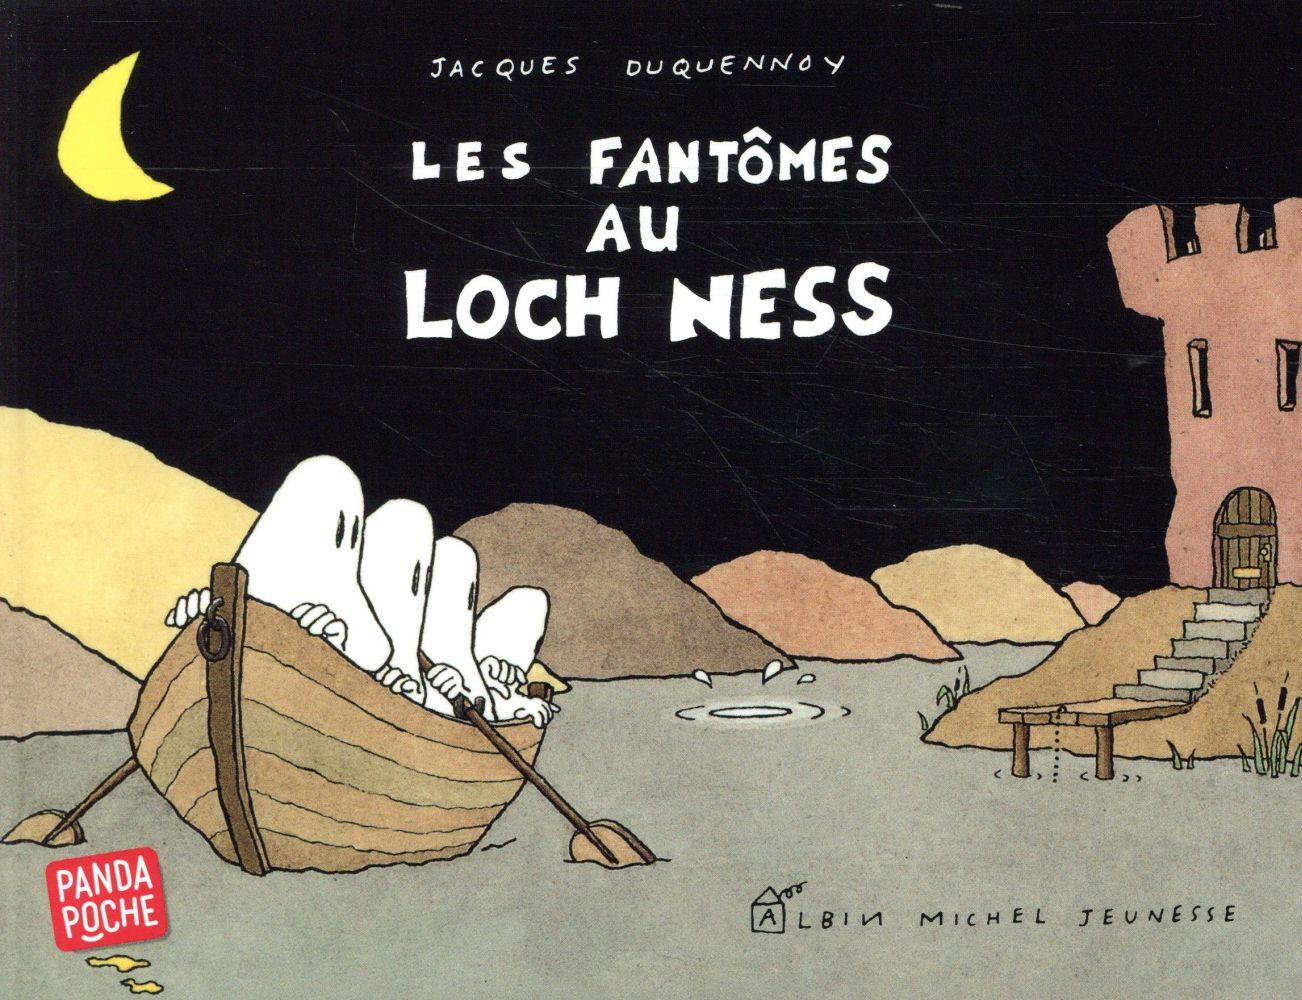 LES FANTOMES AU LOCH-NESS